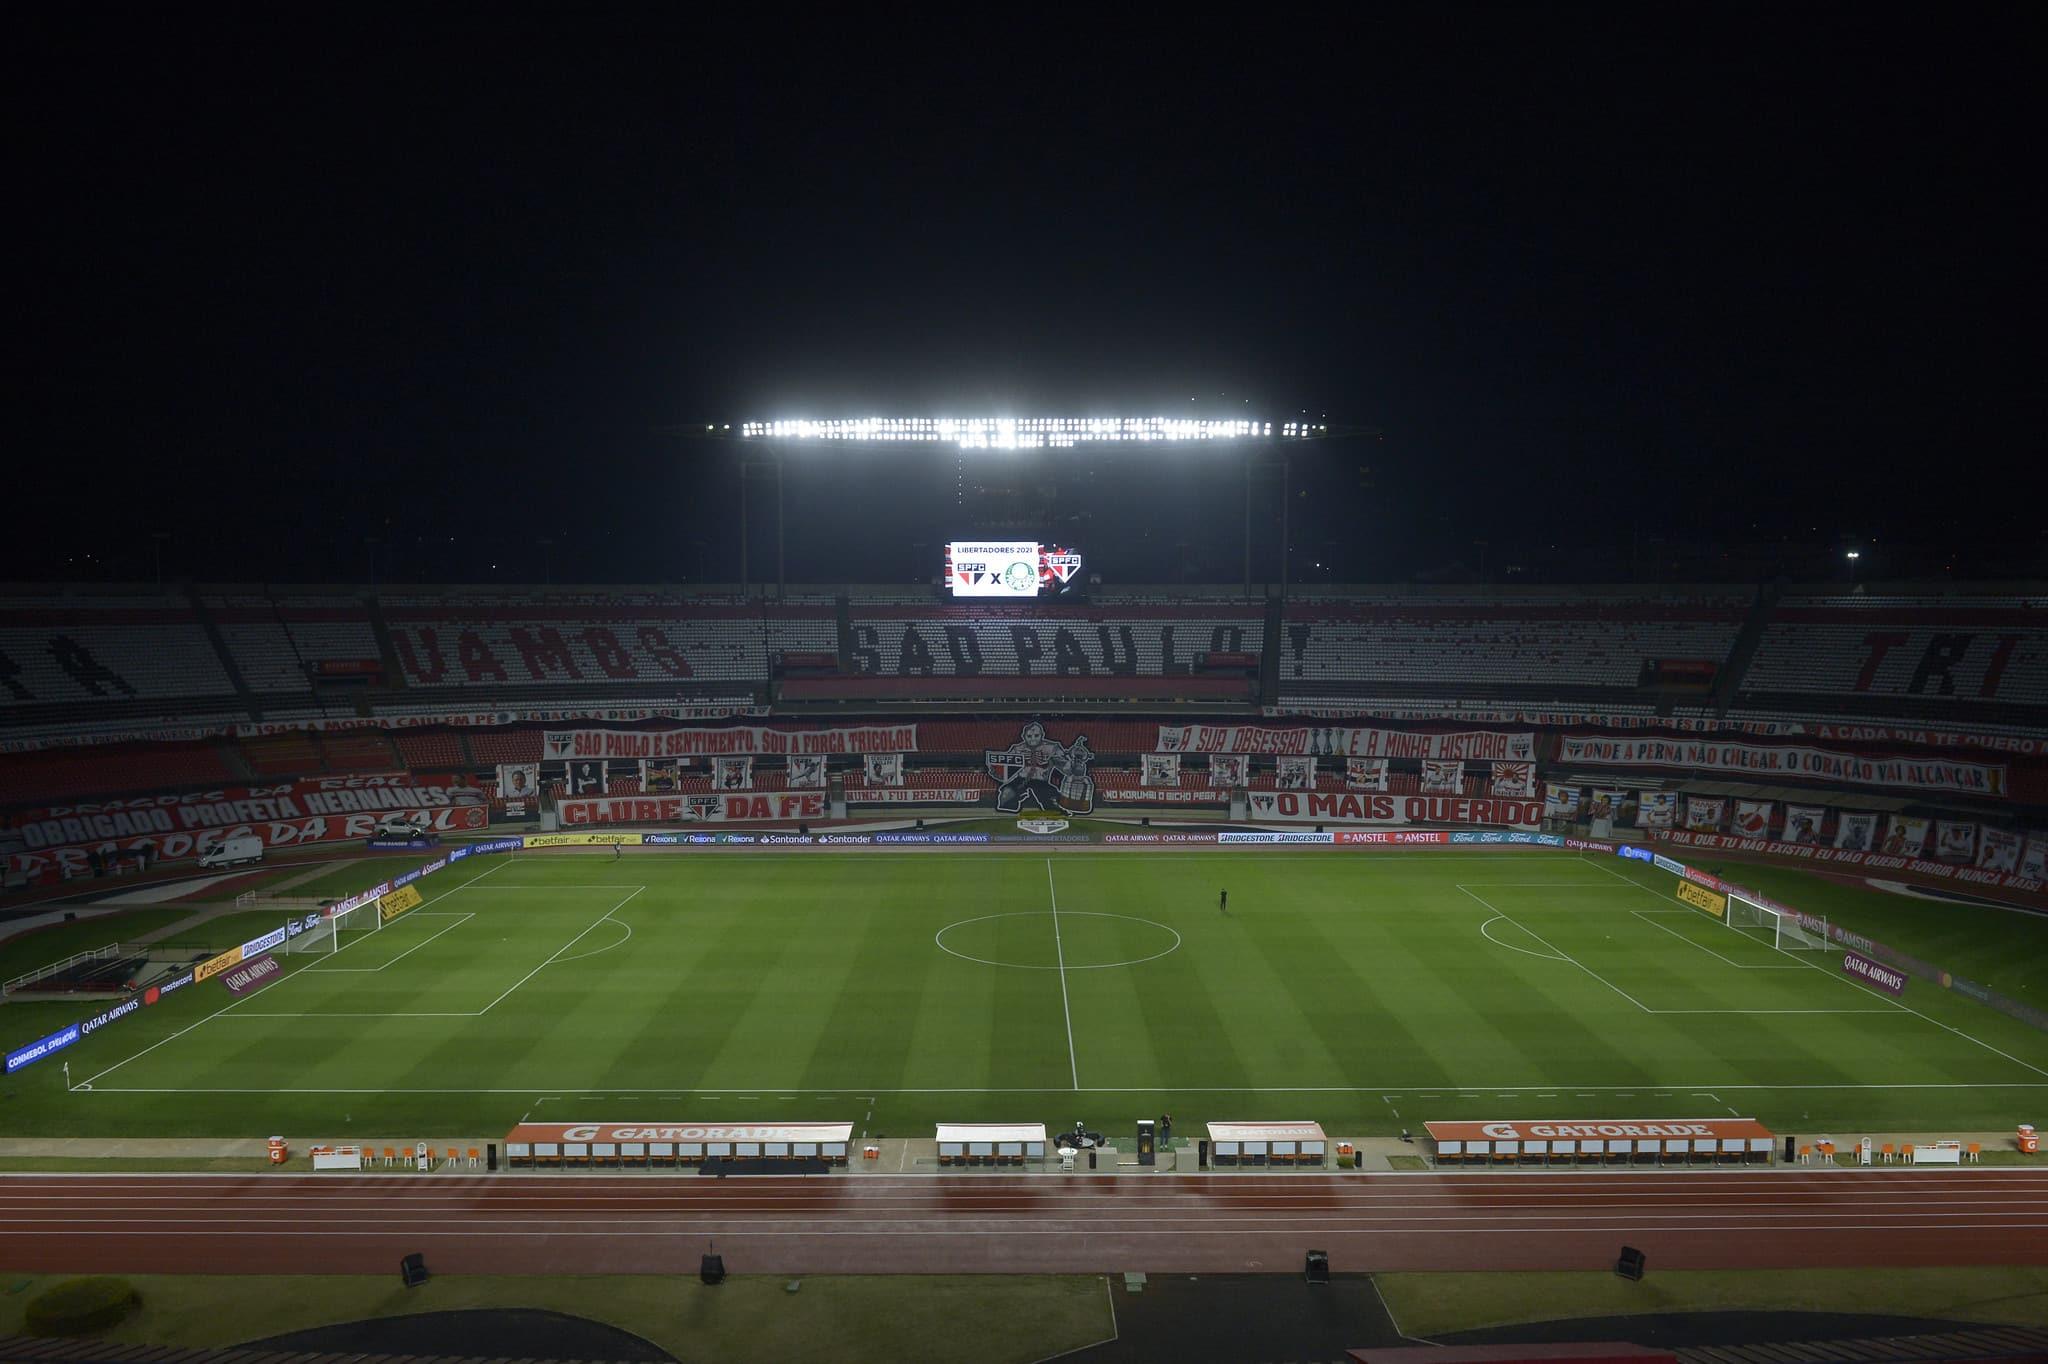 Com objetivos idênticos, São Paulo e Fortaleza se enfrentam na noite desta quarta-feira (25), às 21h30, no Estádio Morumbi, em São Paulo-SP